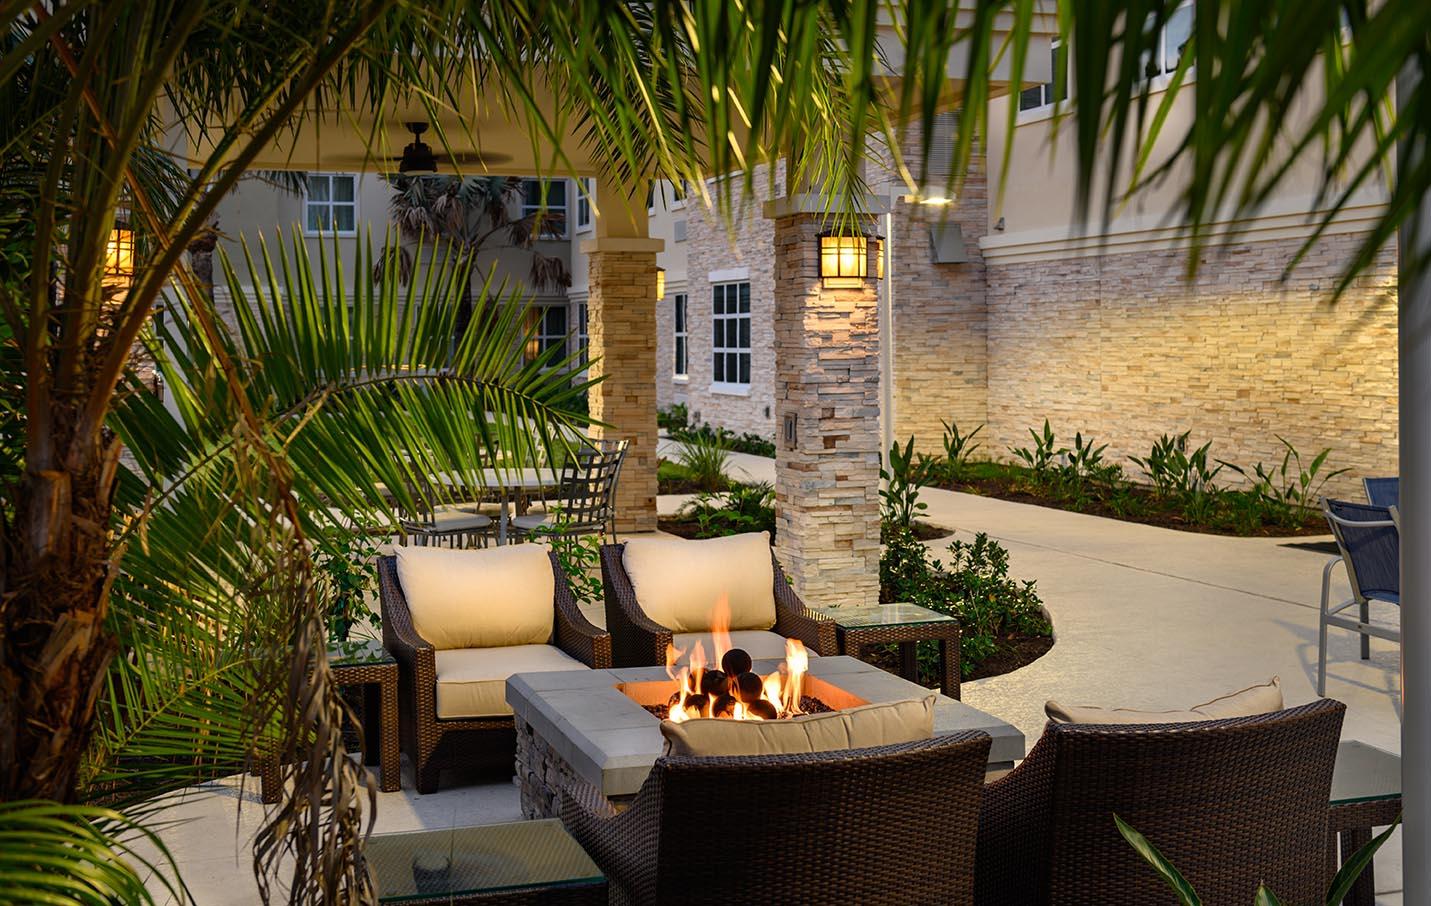 Staybridge Suites firepit patio